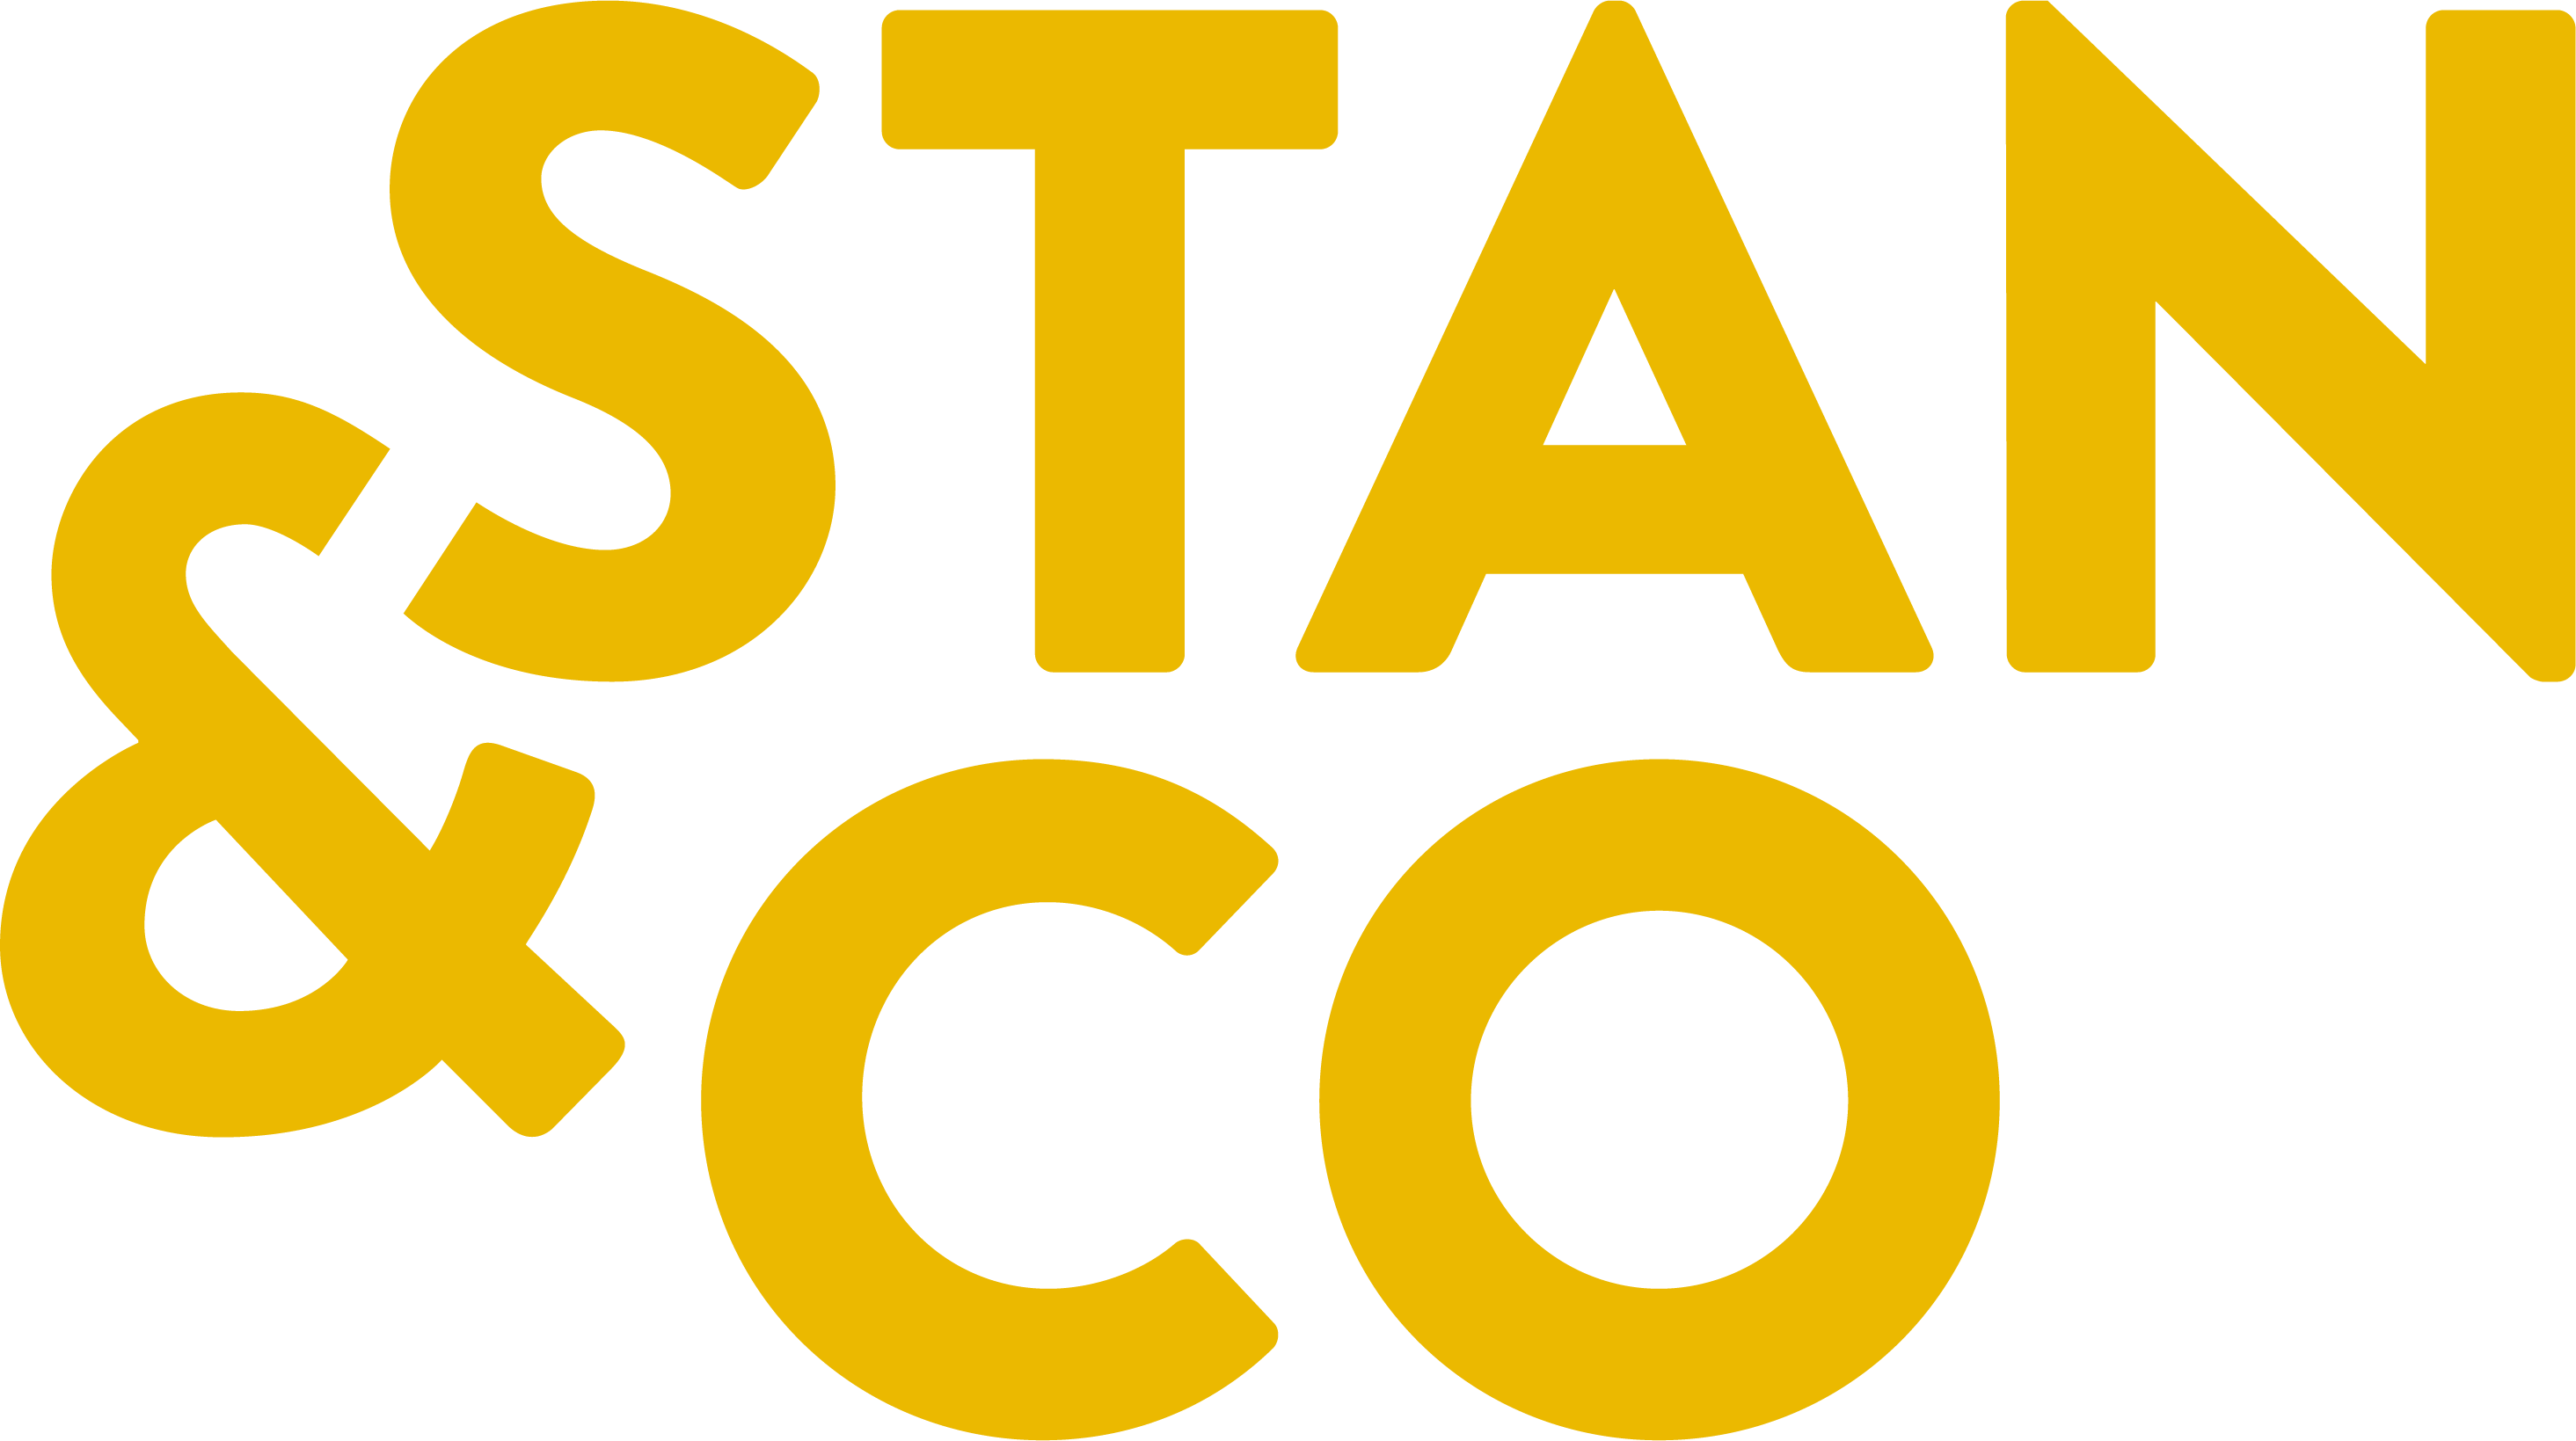 Stan&Co